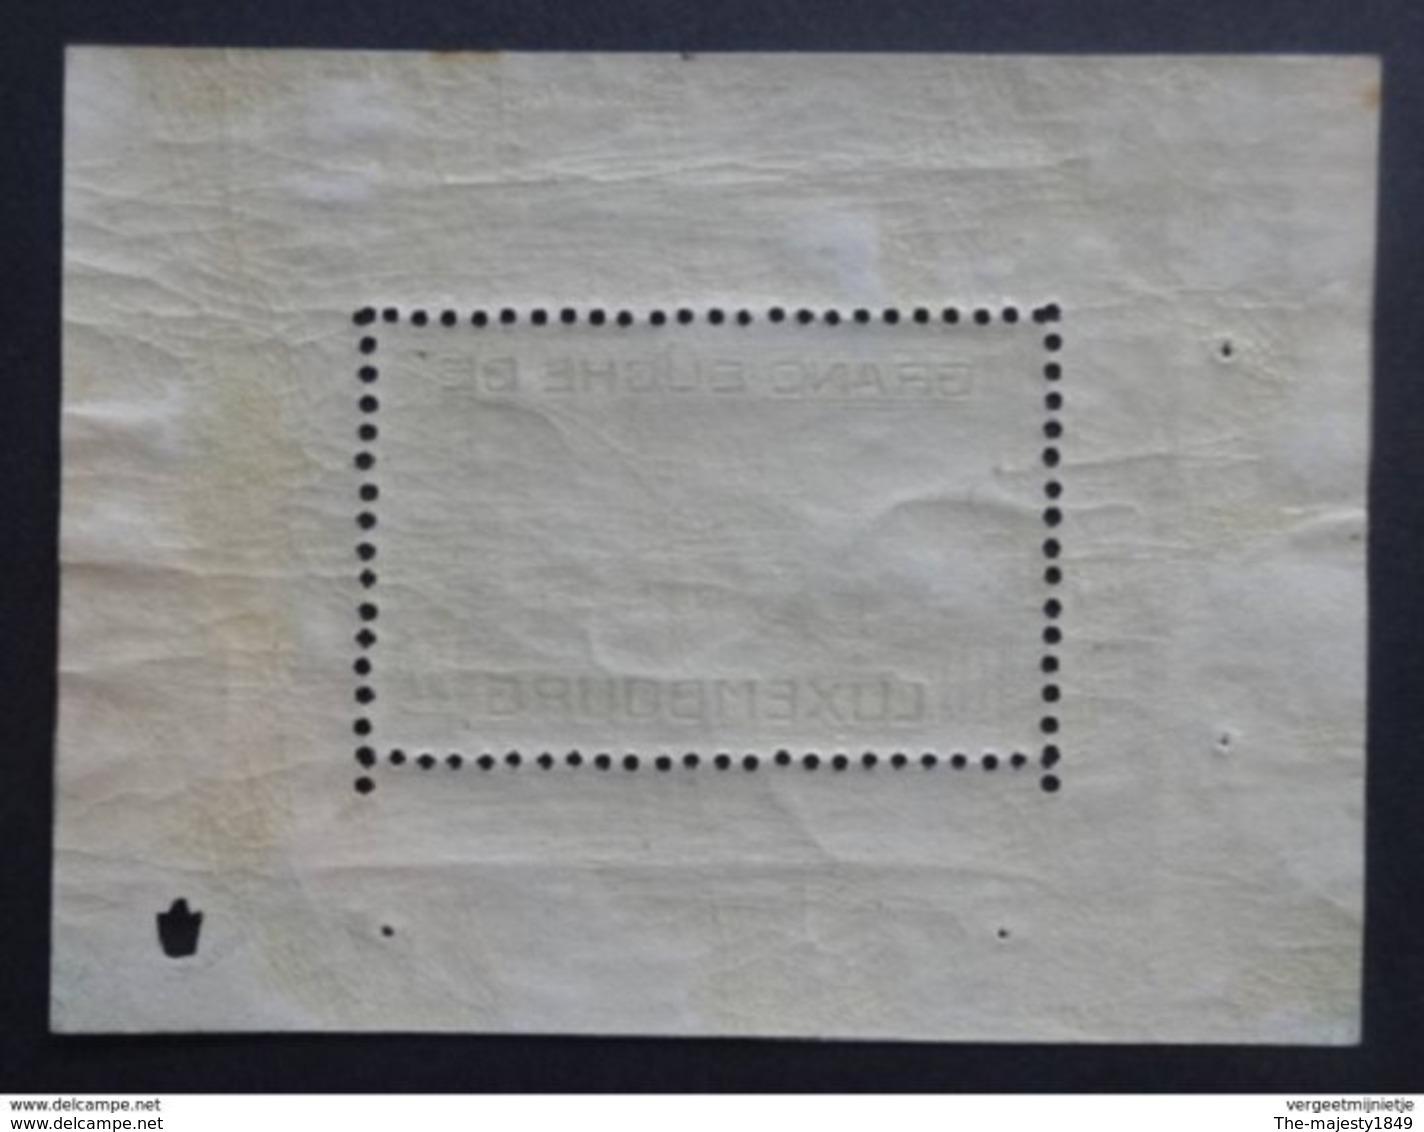 Luxembourg - Bloc 1 - 1923 - Neuf - VC. 2000.00 € - Blocks & Sheetlets & Panes